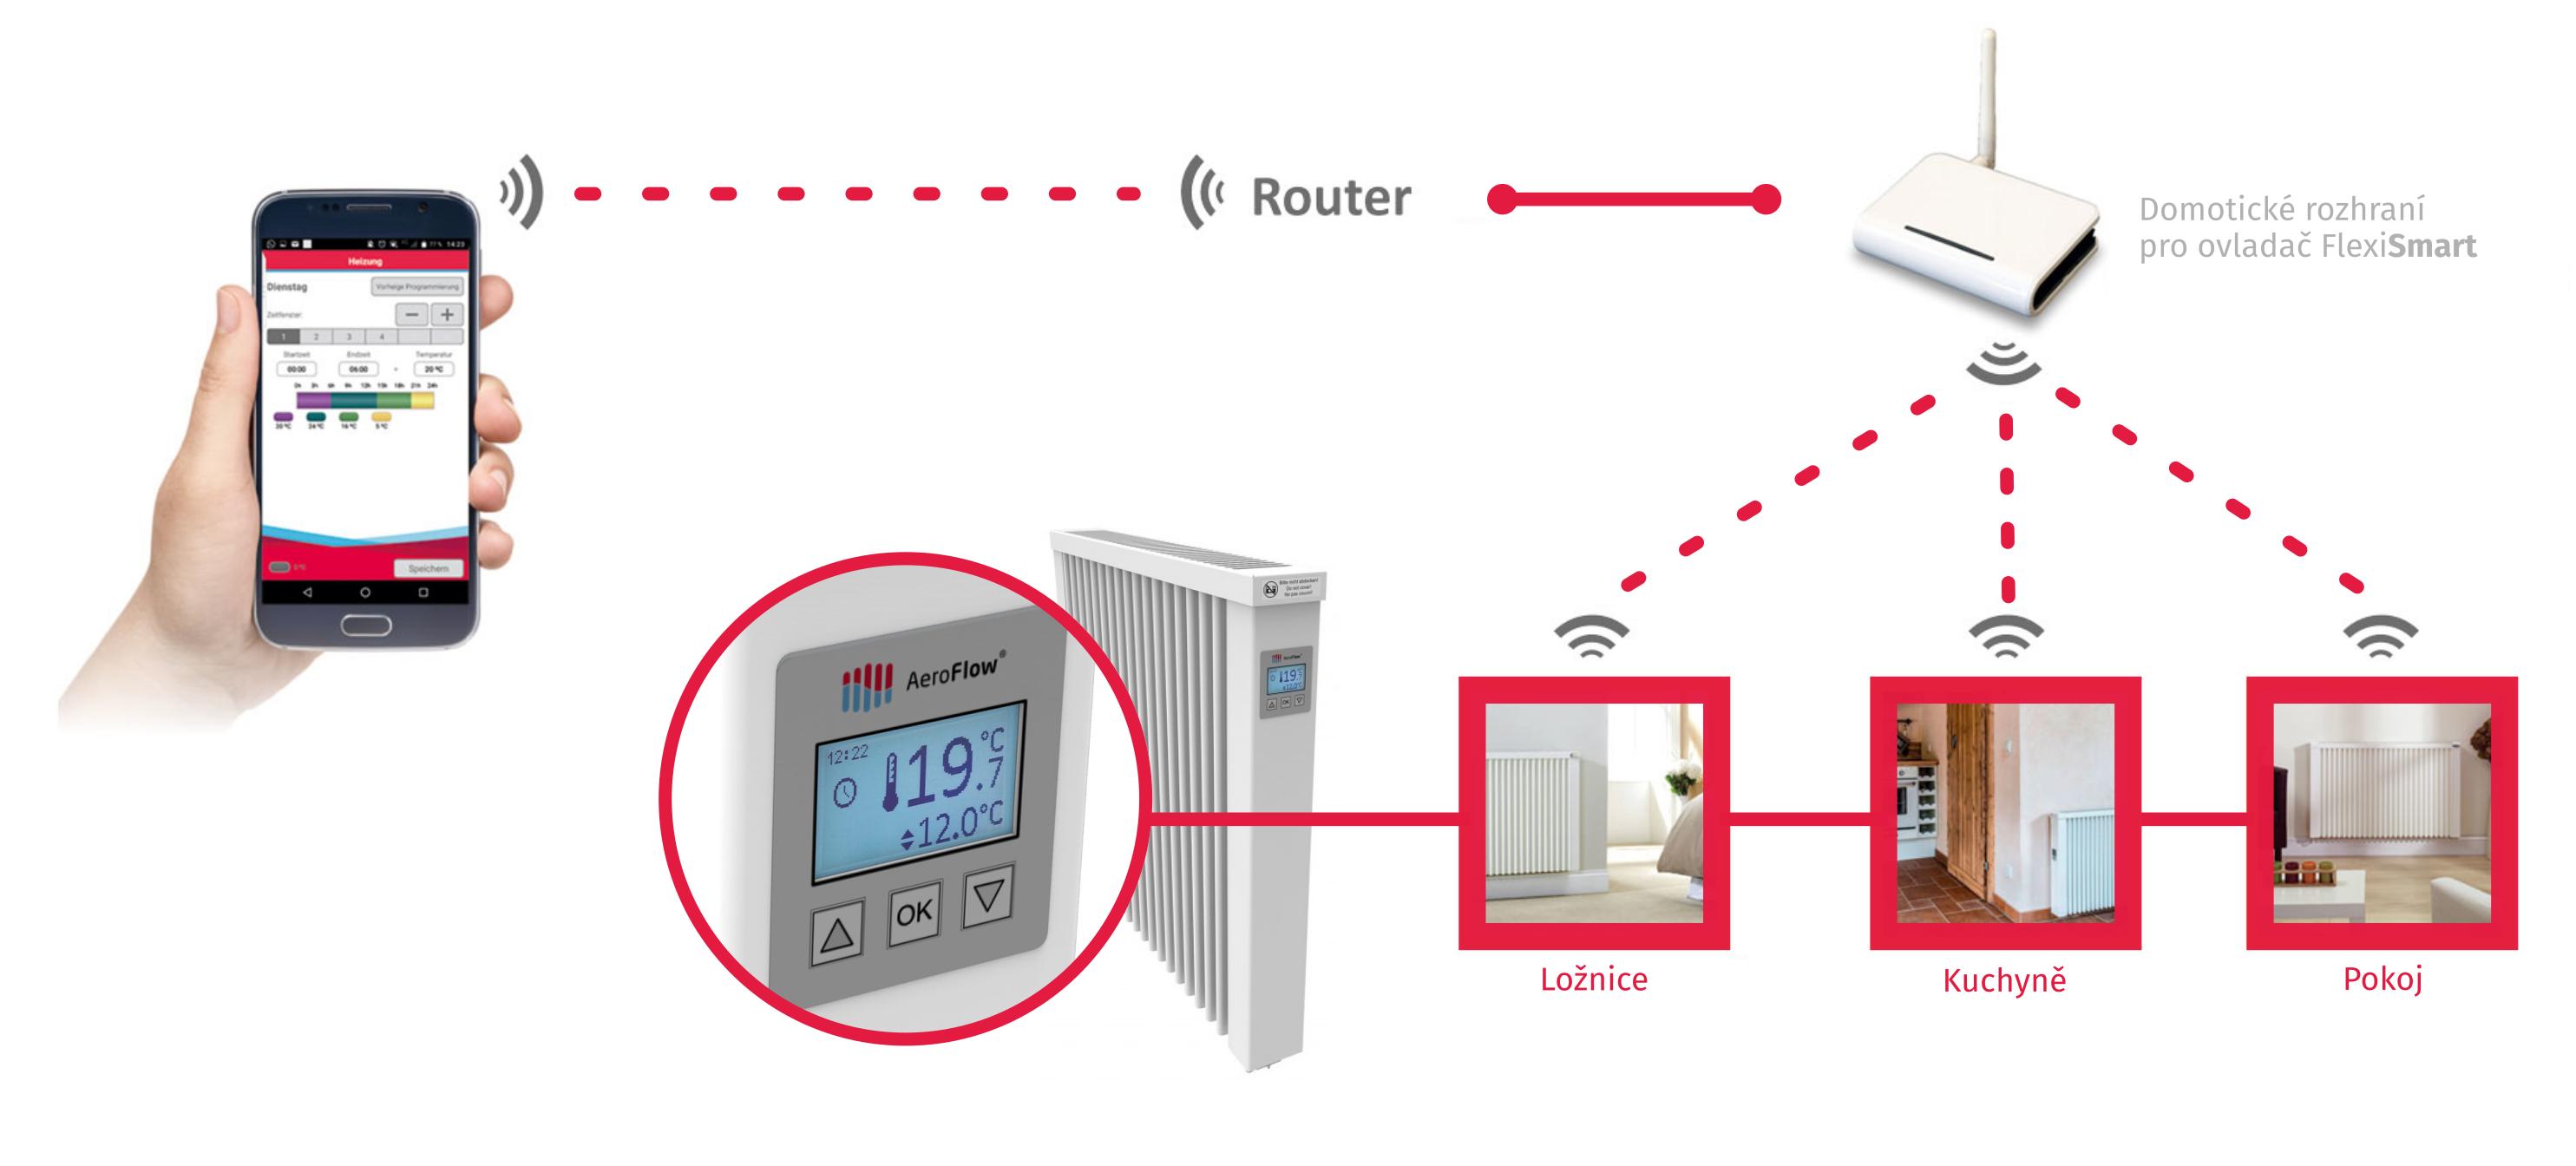 Ovládání teploty v domě prostřednictvím mobilu díly ovladači FlexiSmart